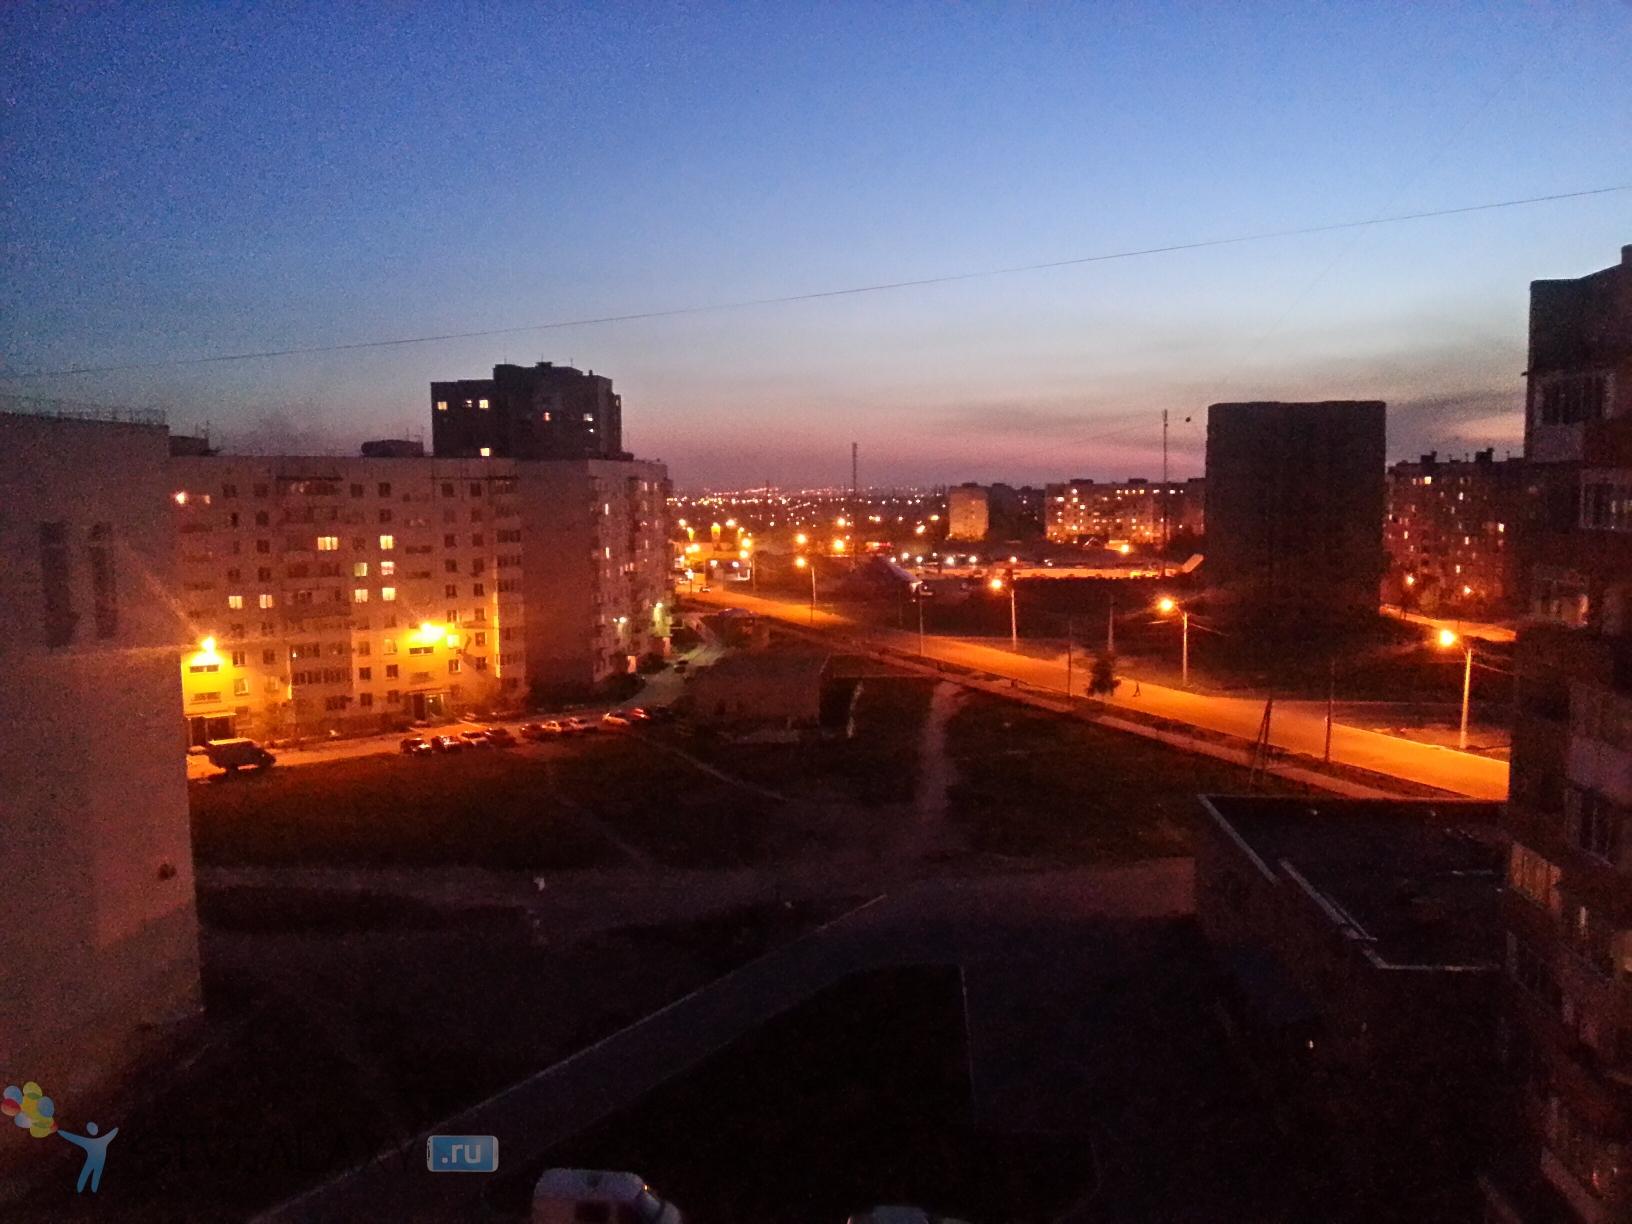 Фото с камеры Samsung Galaxy S3 - ночной режим